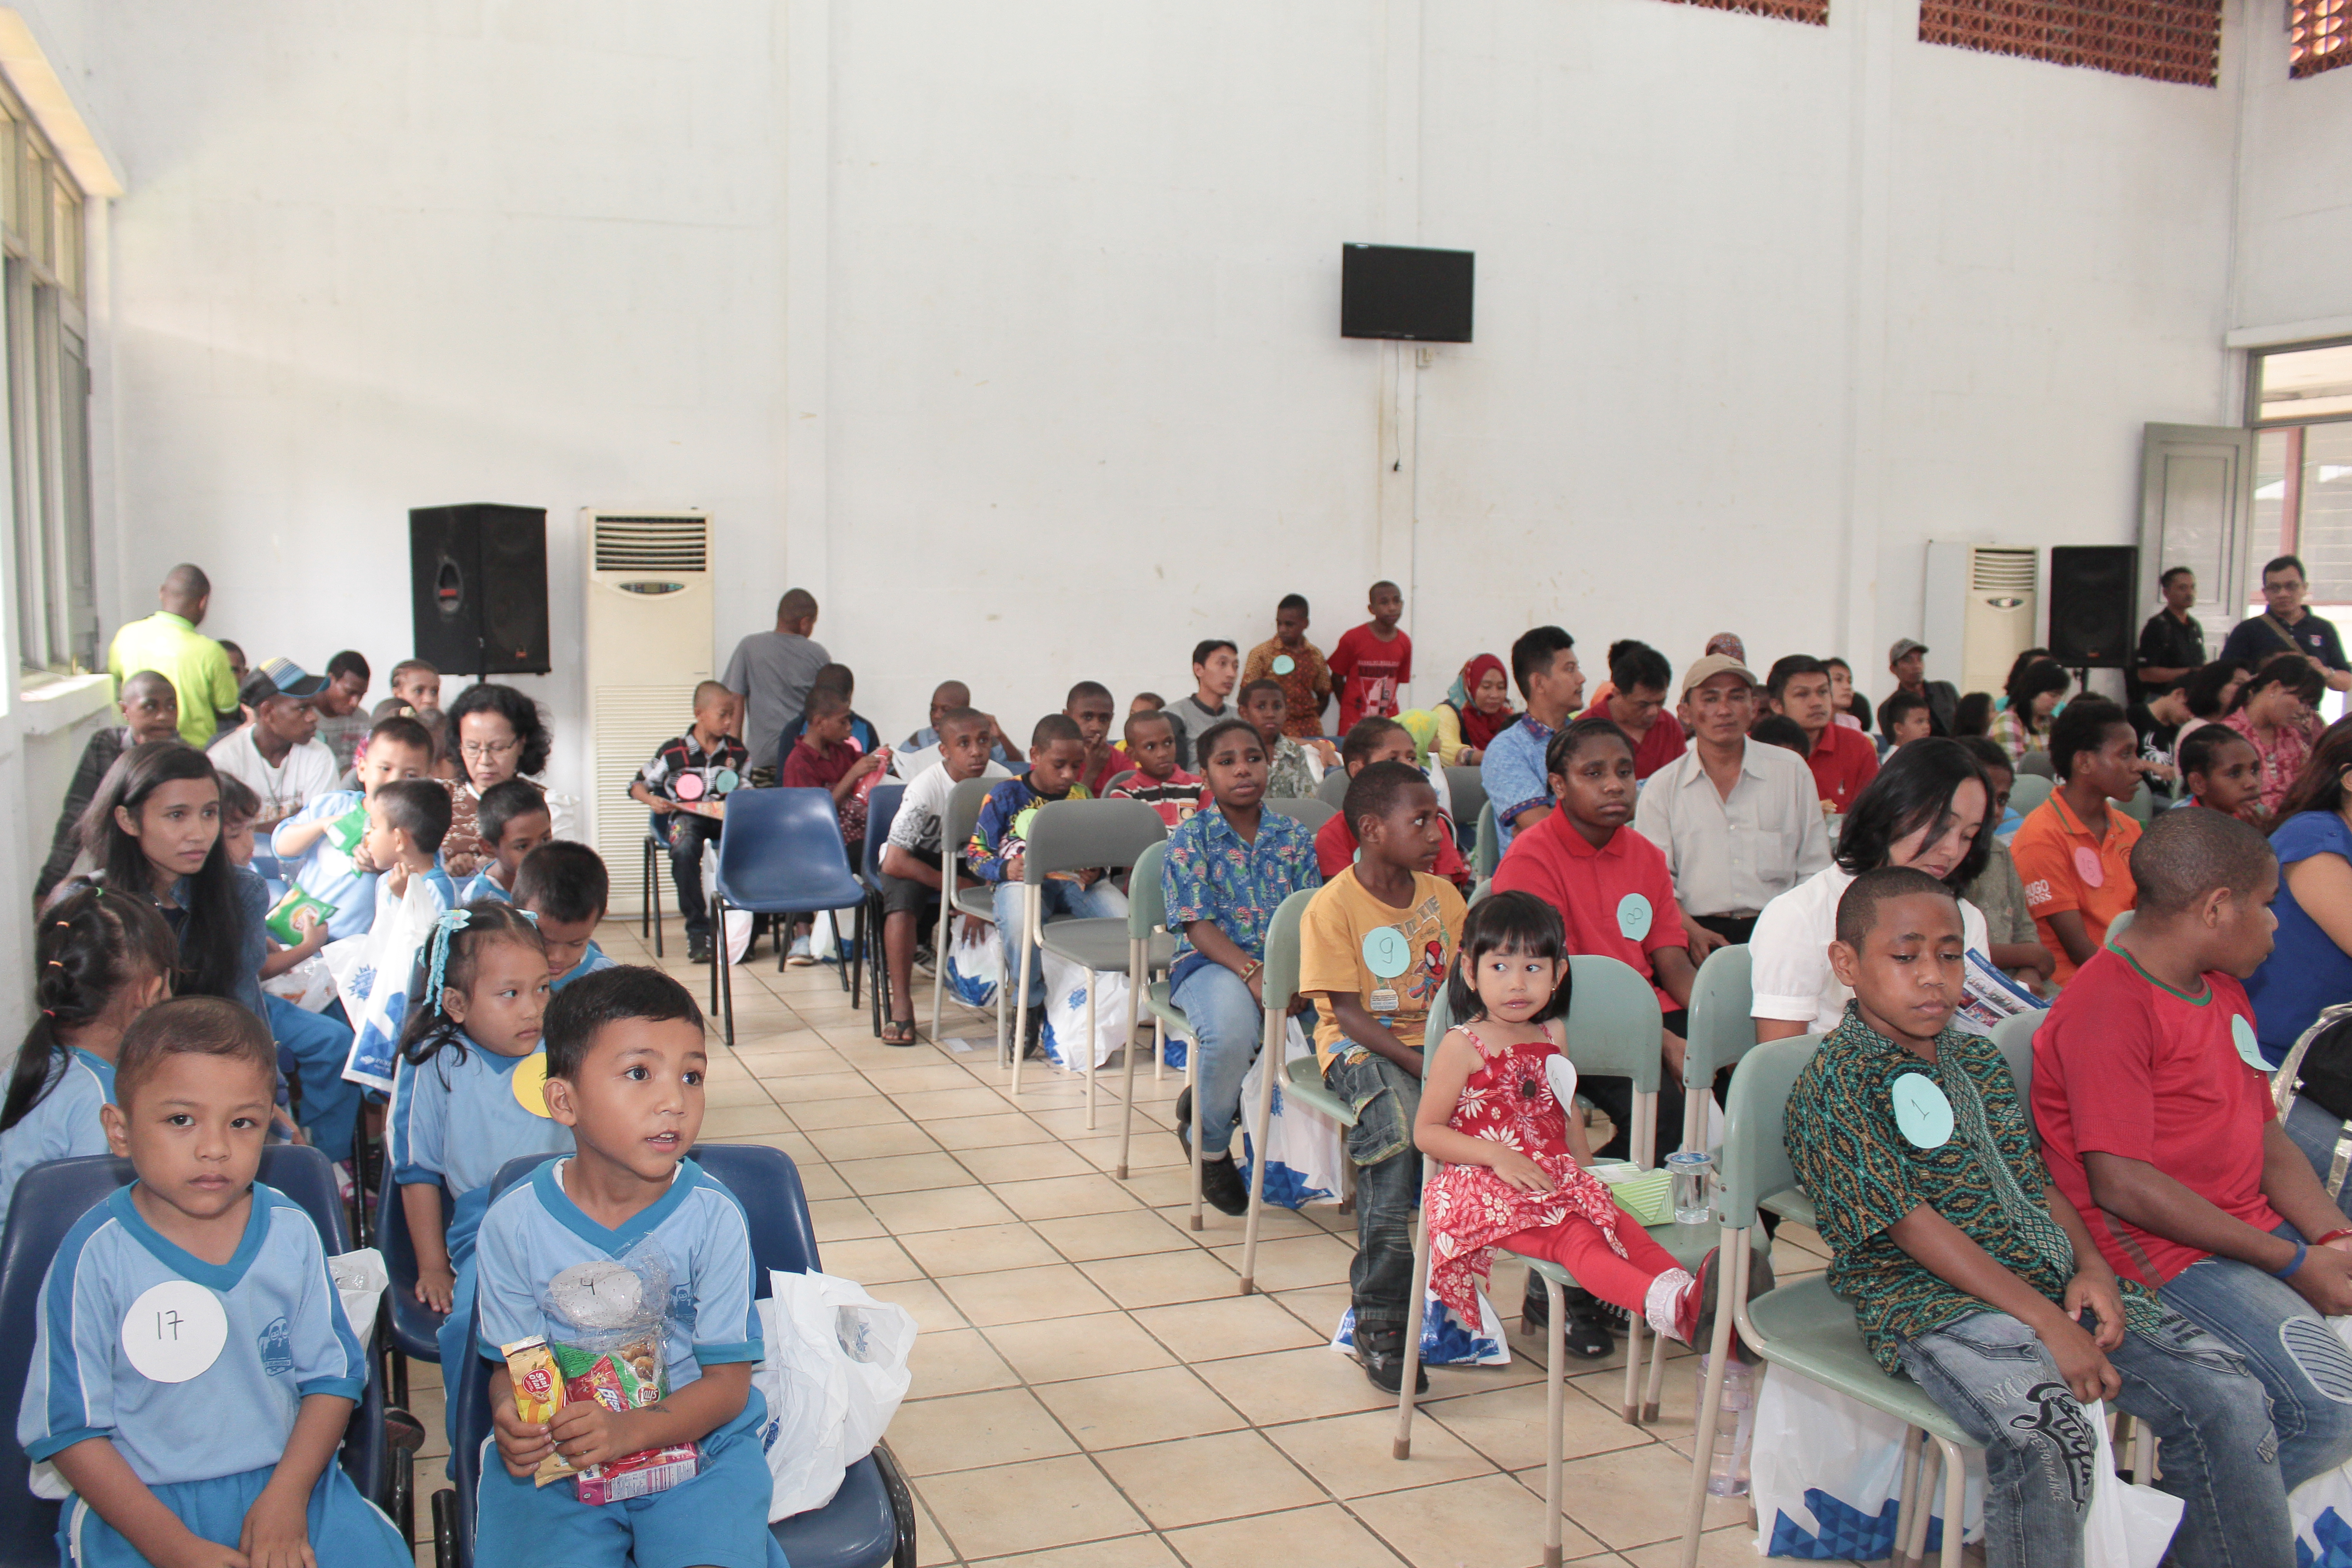 sekolah anak indoensia-sekolah Papua-lomba mewarnai-lomba menggambar_ sekolah papua di sentul-sekolah anak papua-sekolah hebat-pertunjunkan anak papua-papua hebat-Papua oke